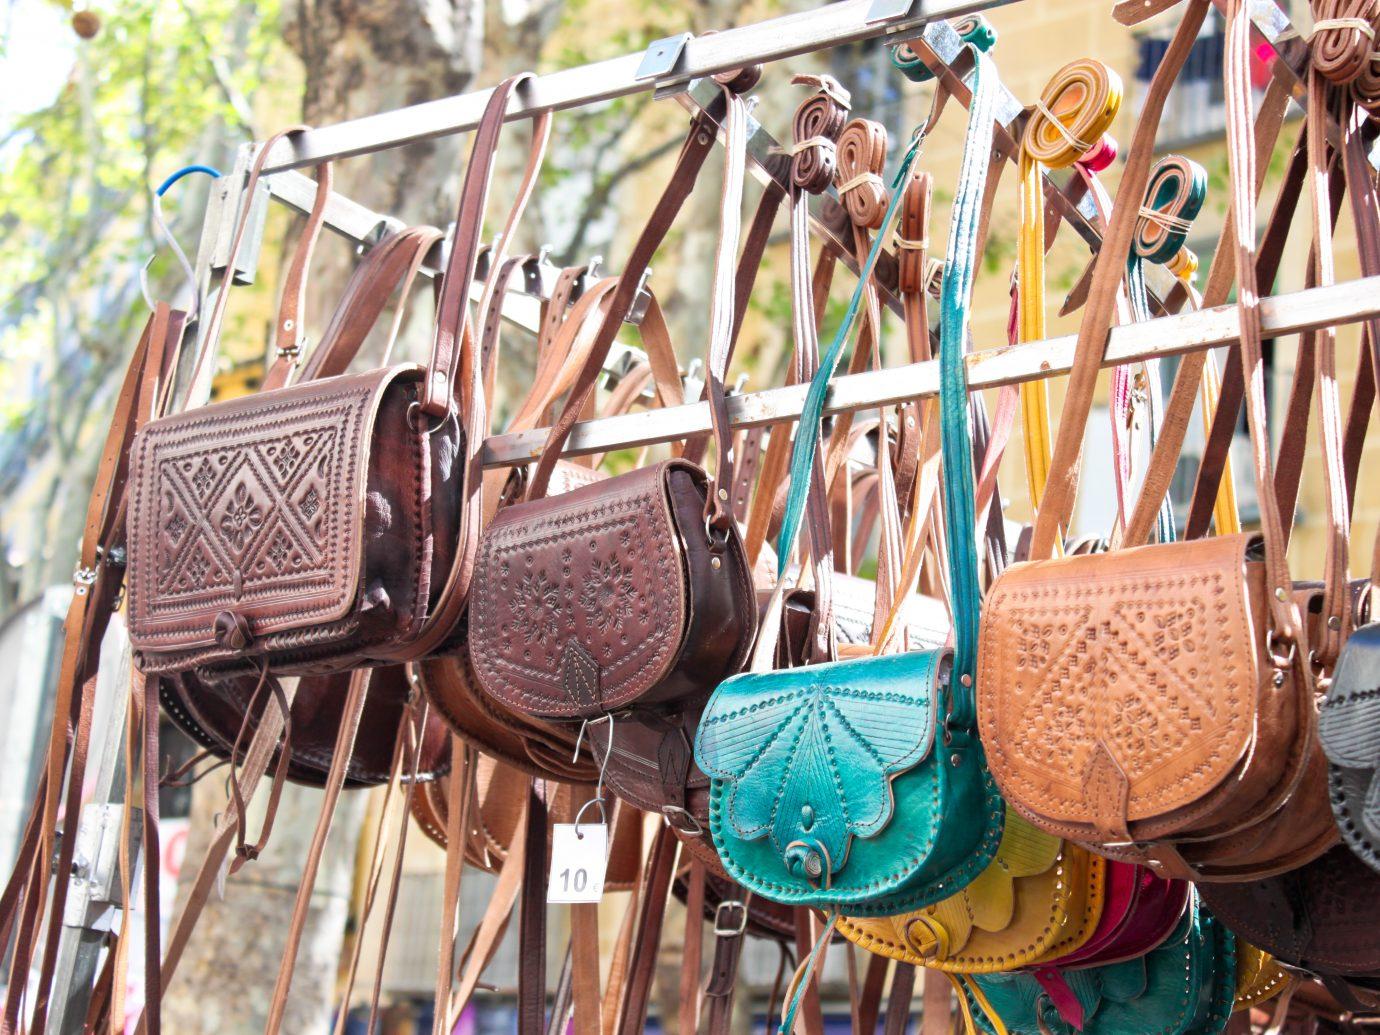 bags on a flea market in Madrid